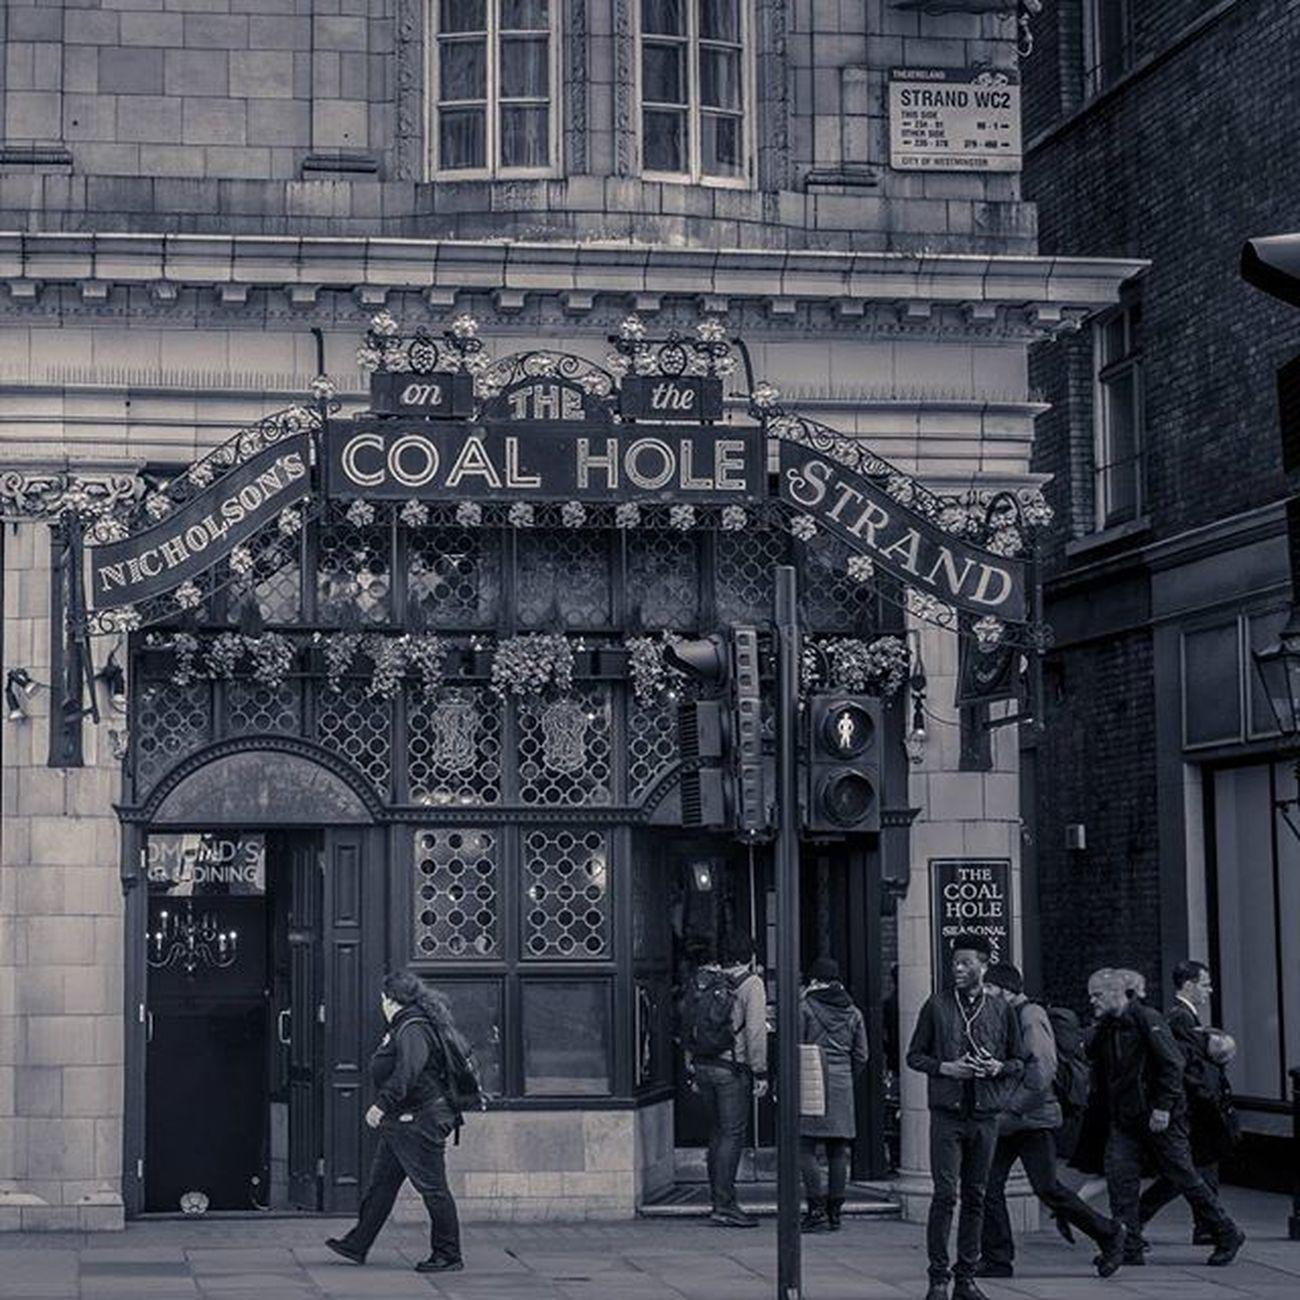 The Coal Hole on The Strand Thecoalhole London Uk Cityscapes Sonyrx100iv Lightroom Travelgram Photos Pub Blackandwhitephoto